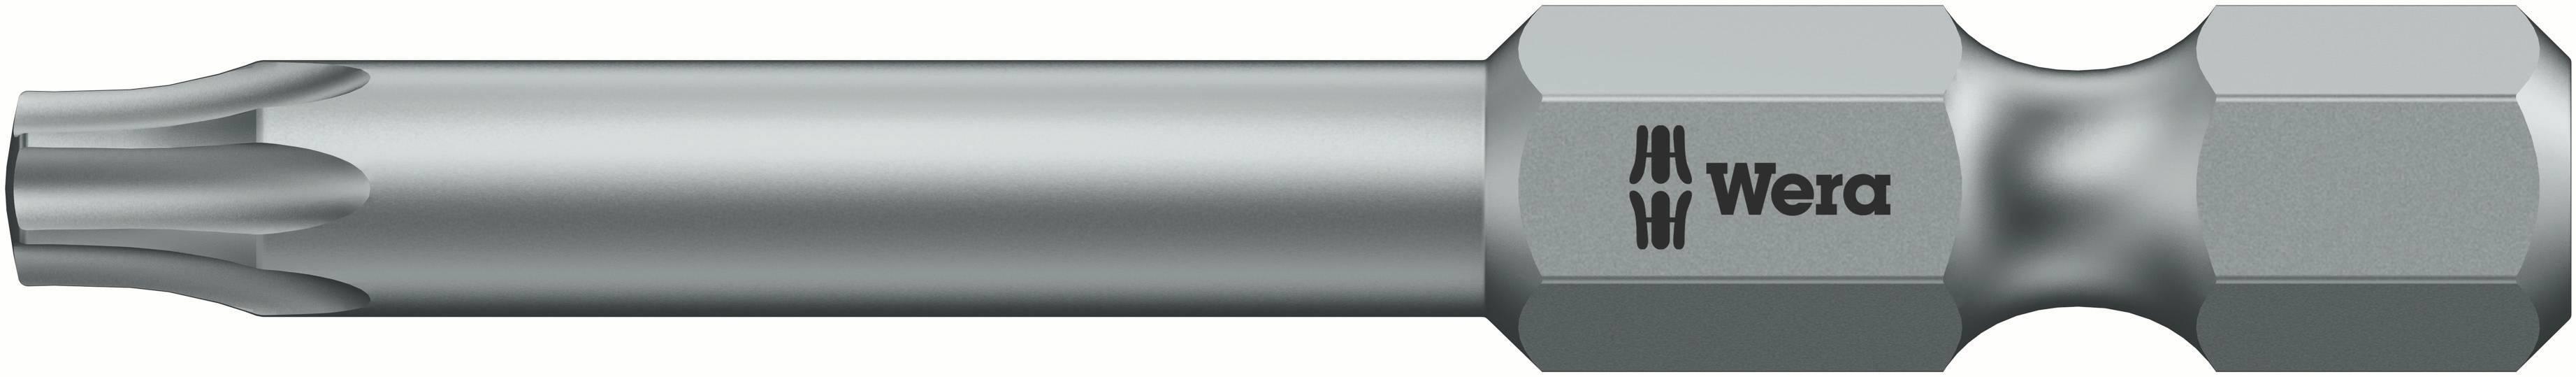 Bit Torx Wera 867 / 4 Z TORX 10 X 70 MM 05060100001, 70 mm, nástrojová oceľ, legované, 1 ks